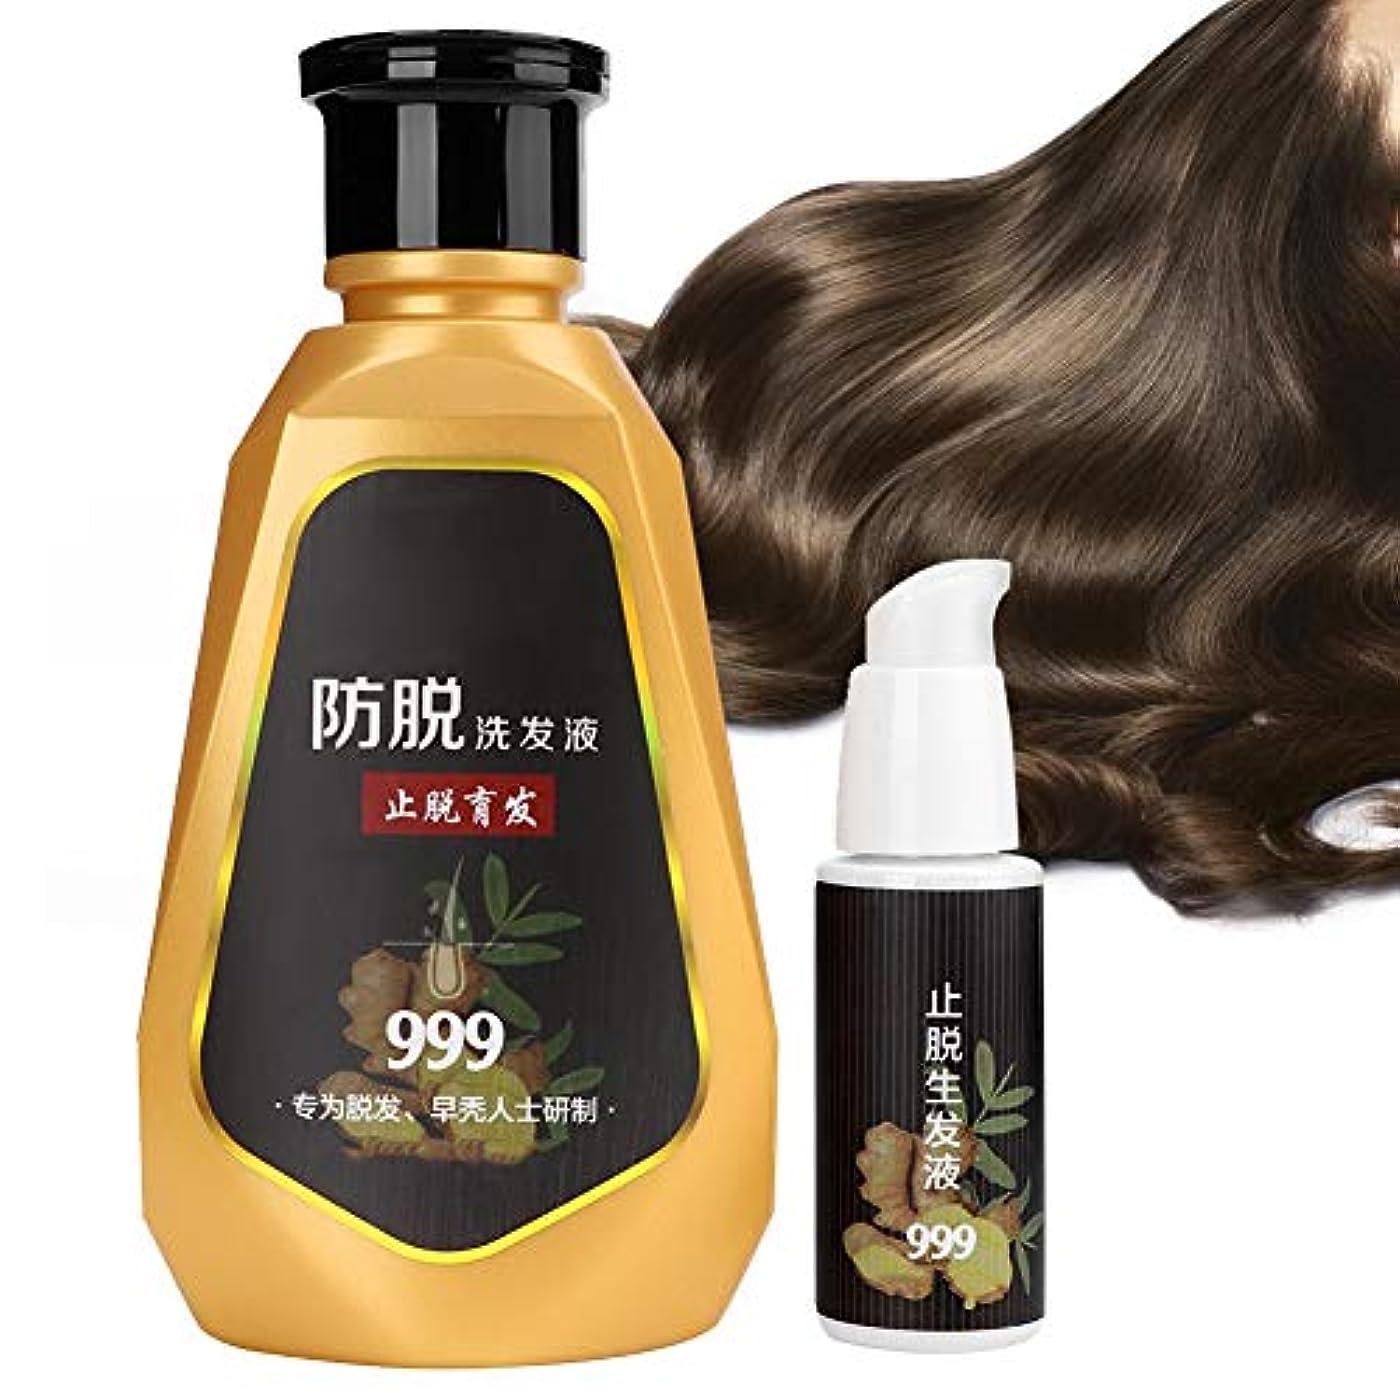 背骨大声で列車400 mlヘアシャンプー、プロジンジャーアンチ脱毛オイルコントロールヘアシャンプー40 ml育毛液で脱毛に効果的な援助